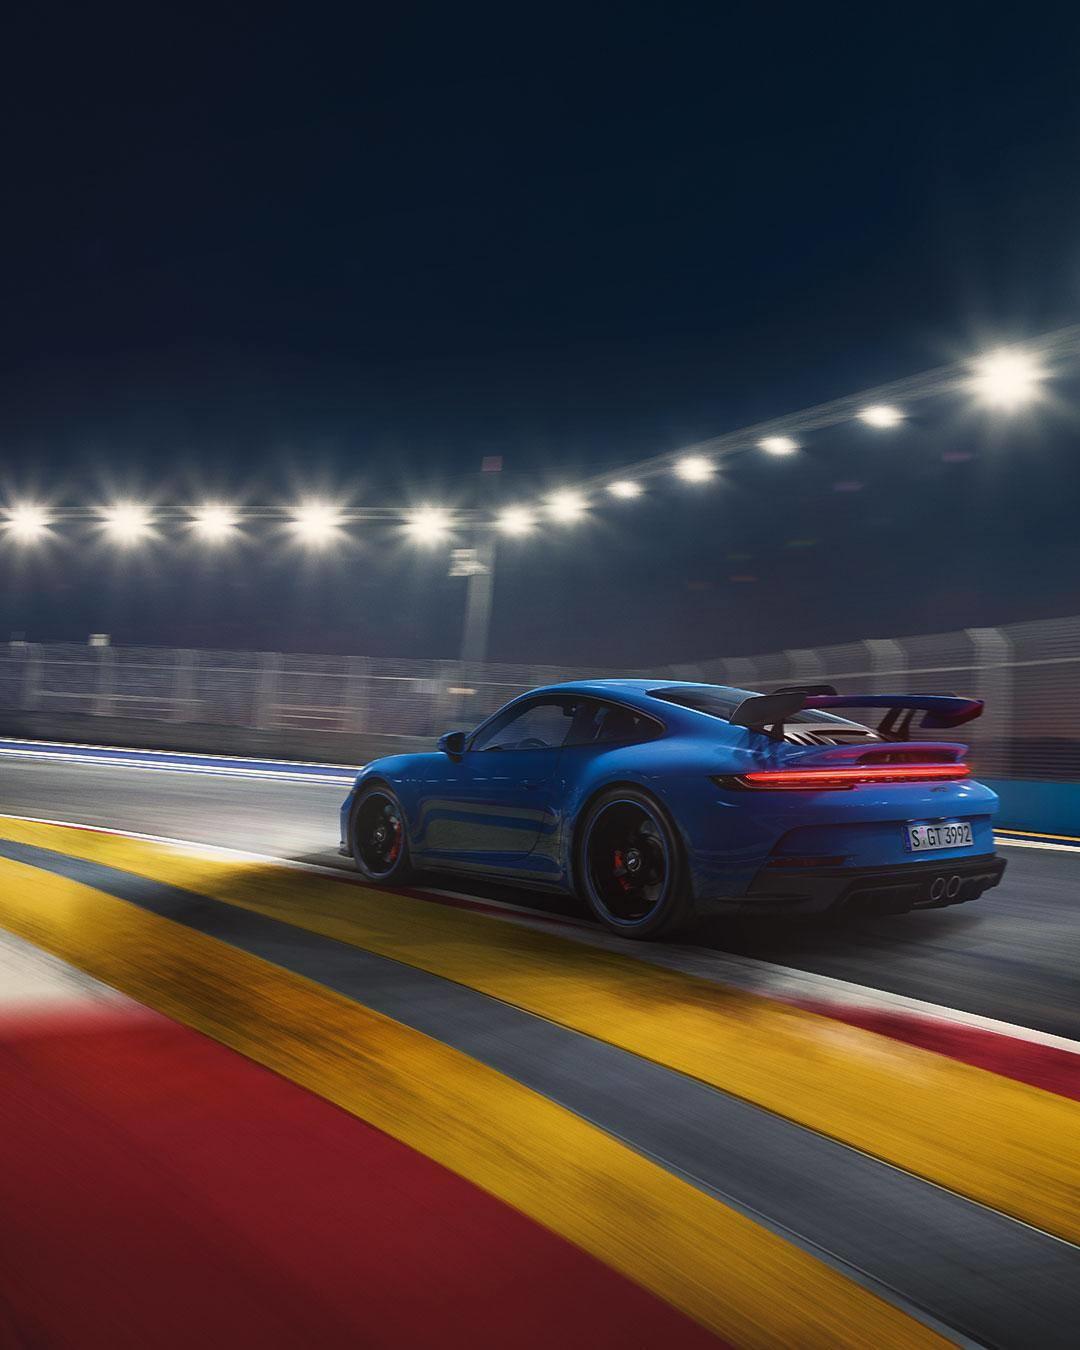 La Porsche ha svelato la nuova Porsche 911&nbsp;GT3&nbsp;serie&nbsp;992. Ancora pi&ugrave; pistaiola e un motore sei cilindri boxer aspirato di 4 litri che eroga 510 cv.<br /><br />